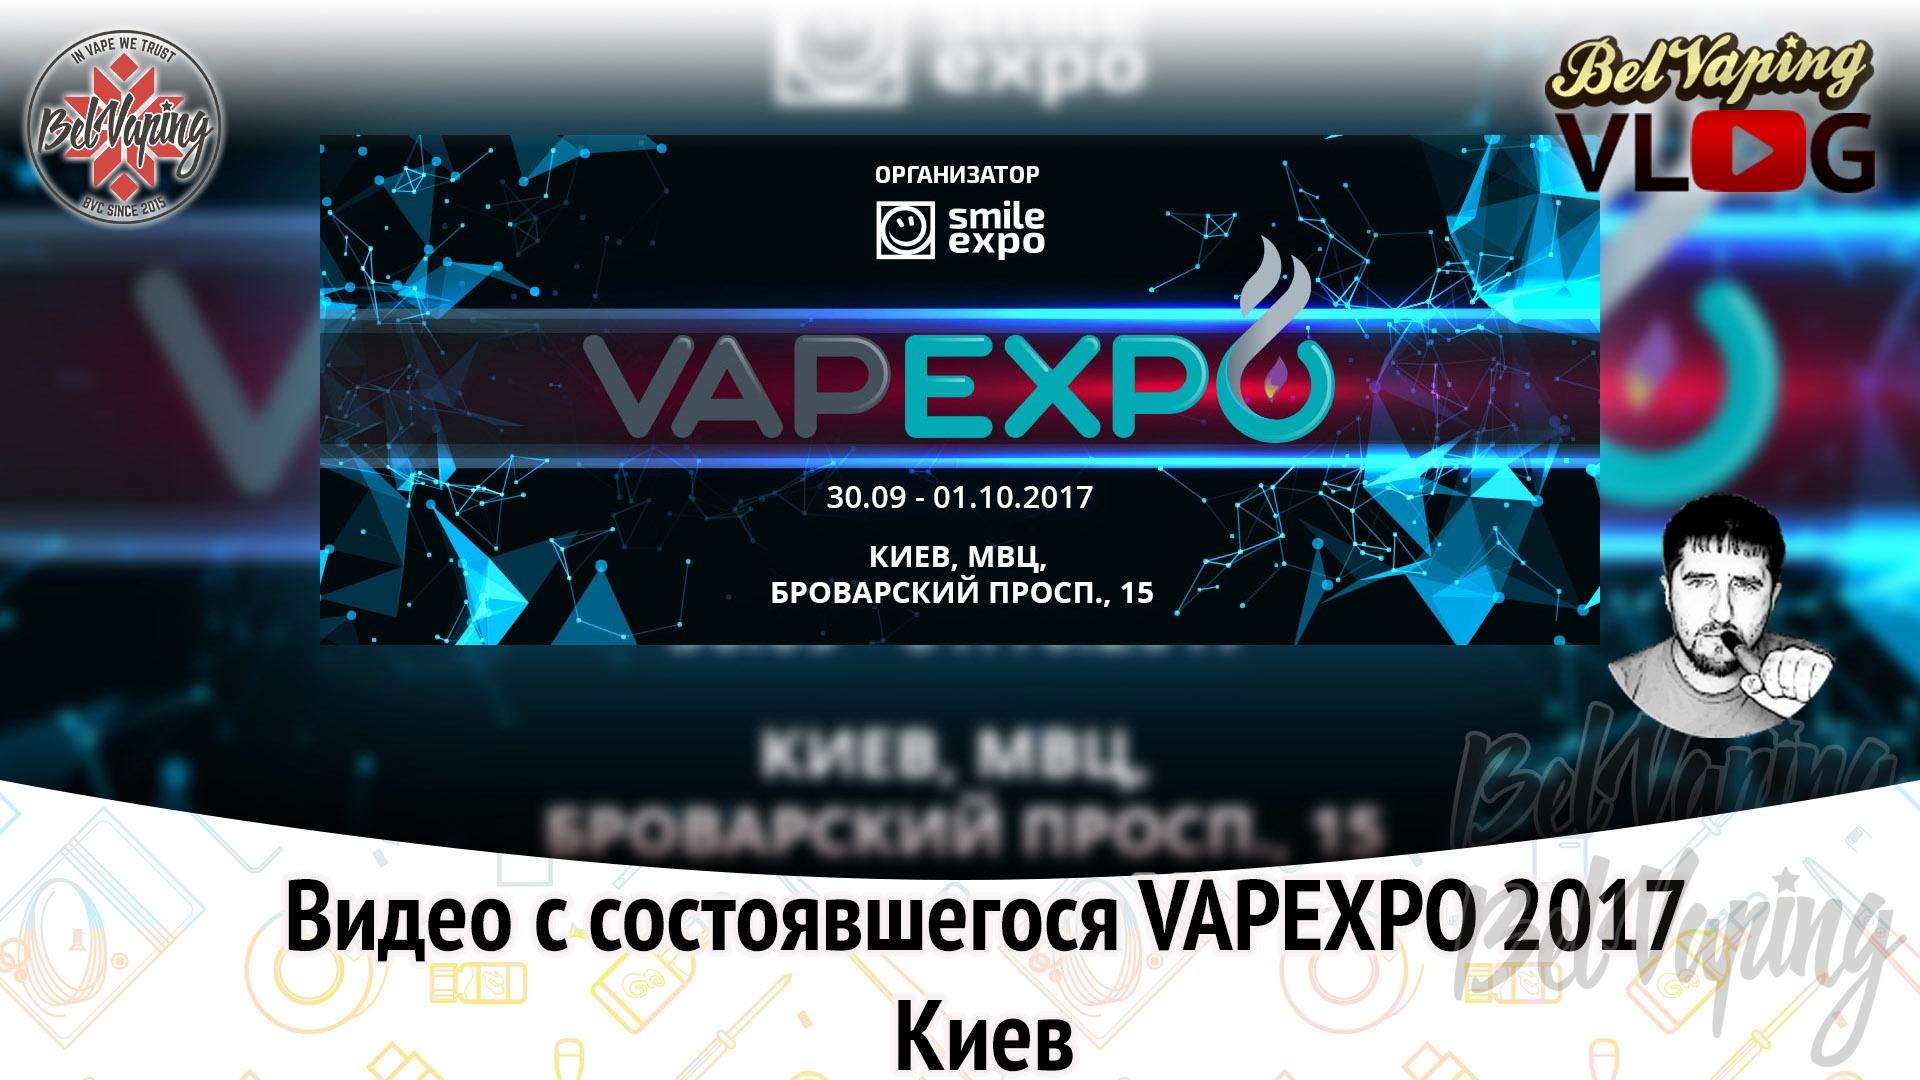 Видеоотчет с выставки ВейпЭкспо в Киеве